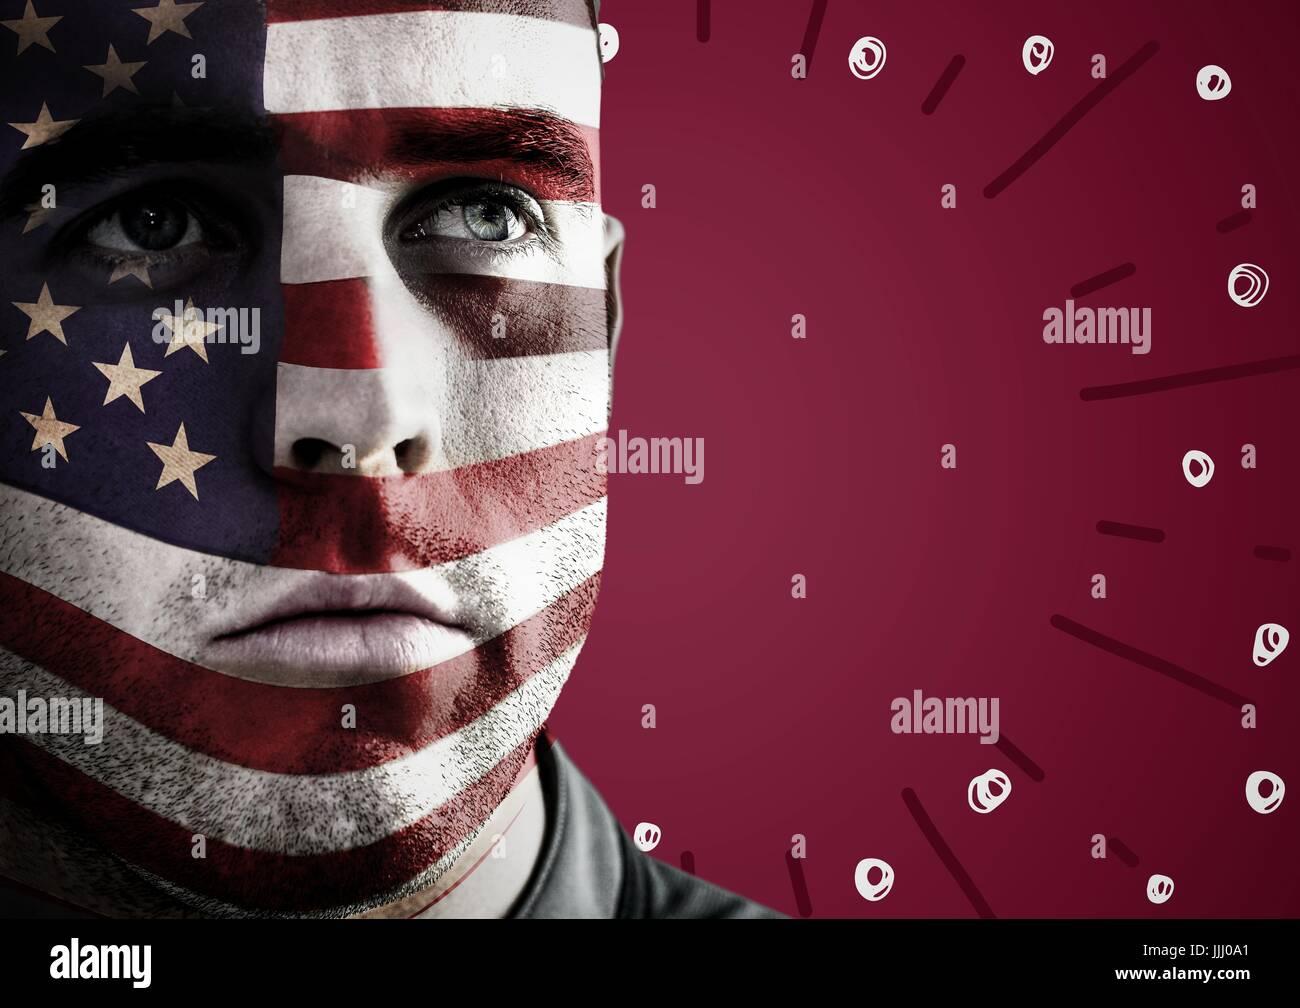 La ritrattistica di uomo con bandiera americana faccia vernice contro sfondo marrone rossiccio con fuochi d'artificio Immagini Stock